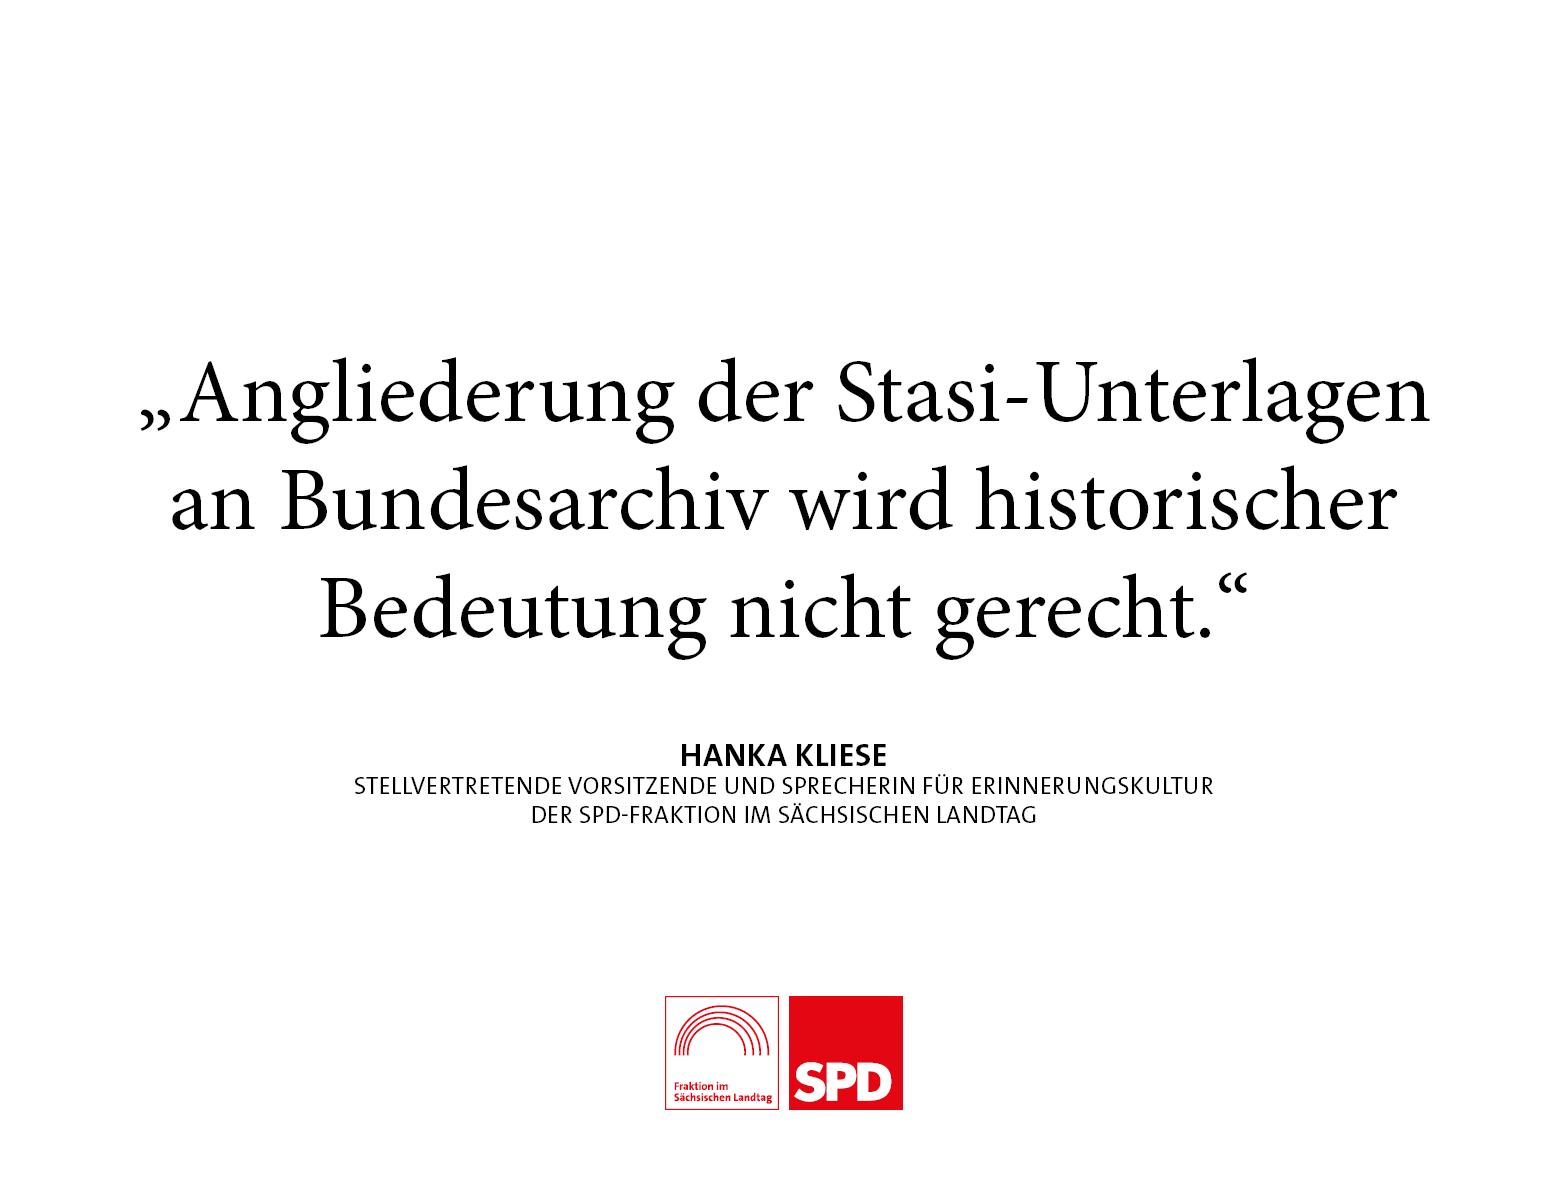 Angliederung der Stasi-Unterlagen an Bundesarchiv wird historischer Bedeutung nicht gerecht